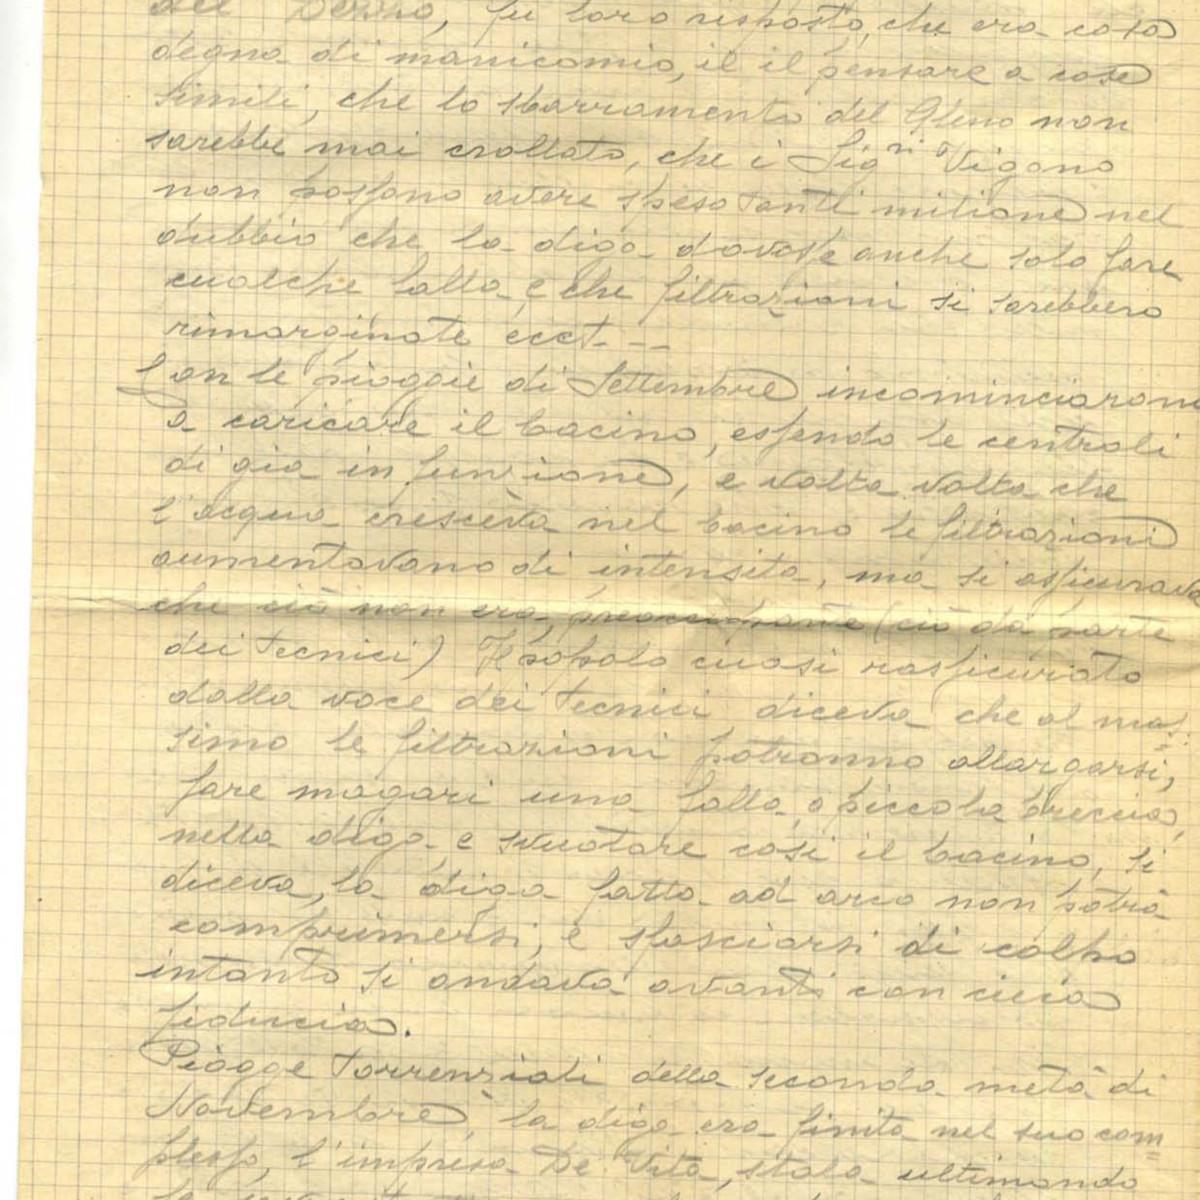 Lettera di Baldoni Angelo_02